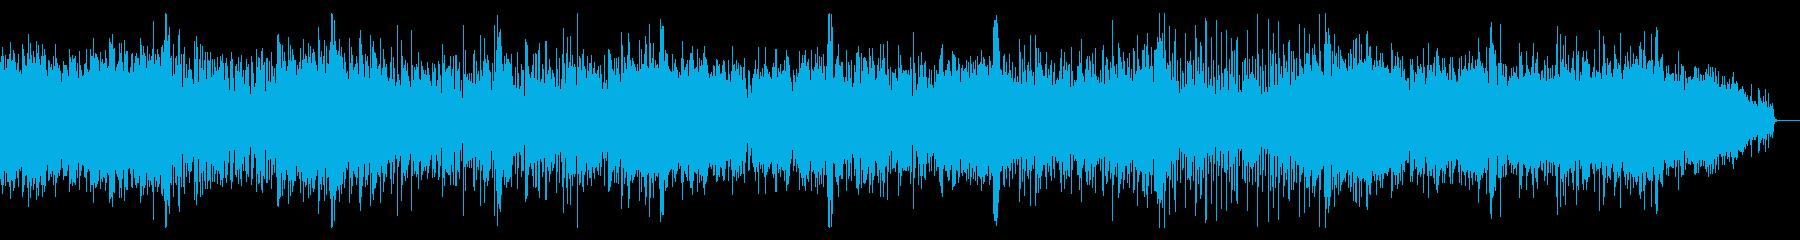 ノイジーなビートのロボティックなIDMの再生済みの波形